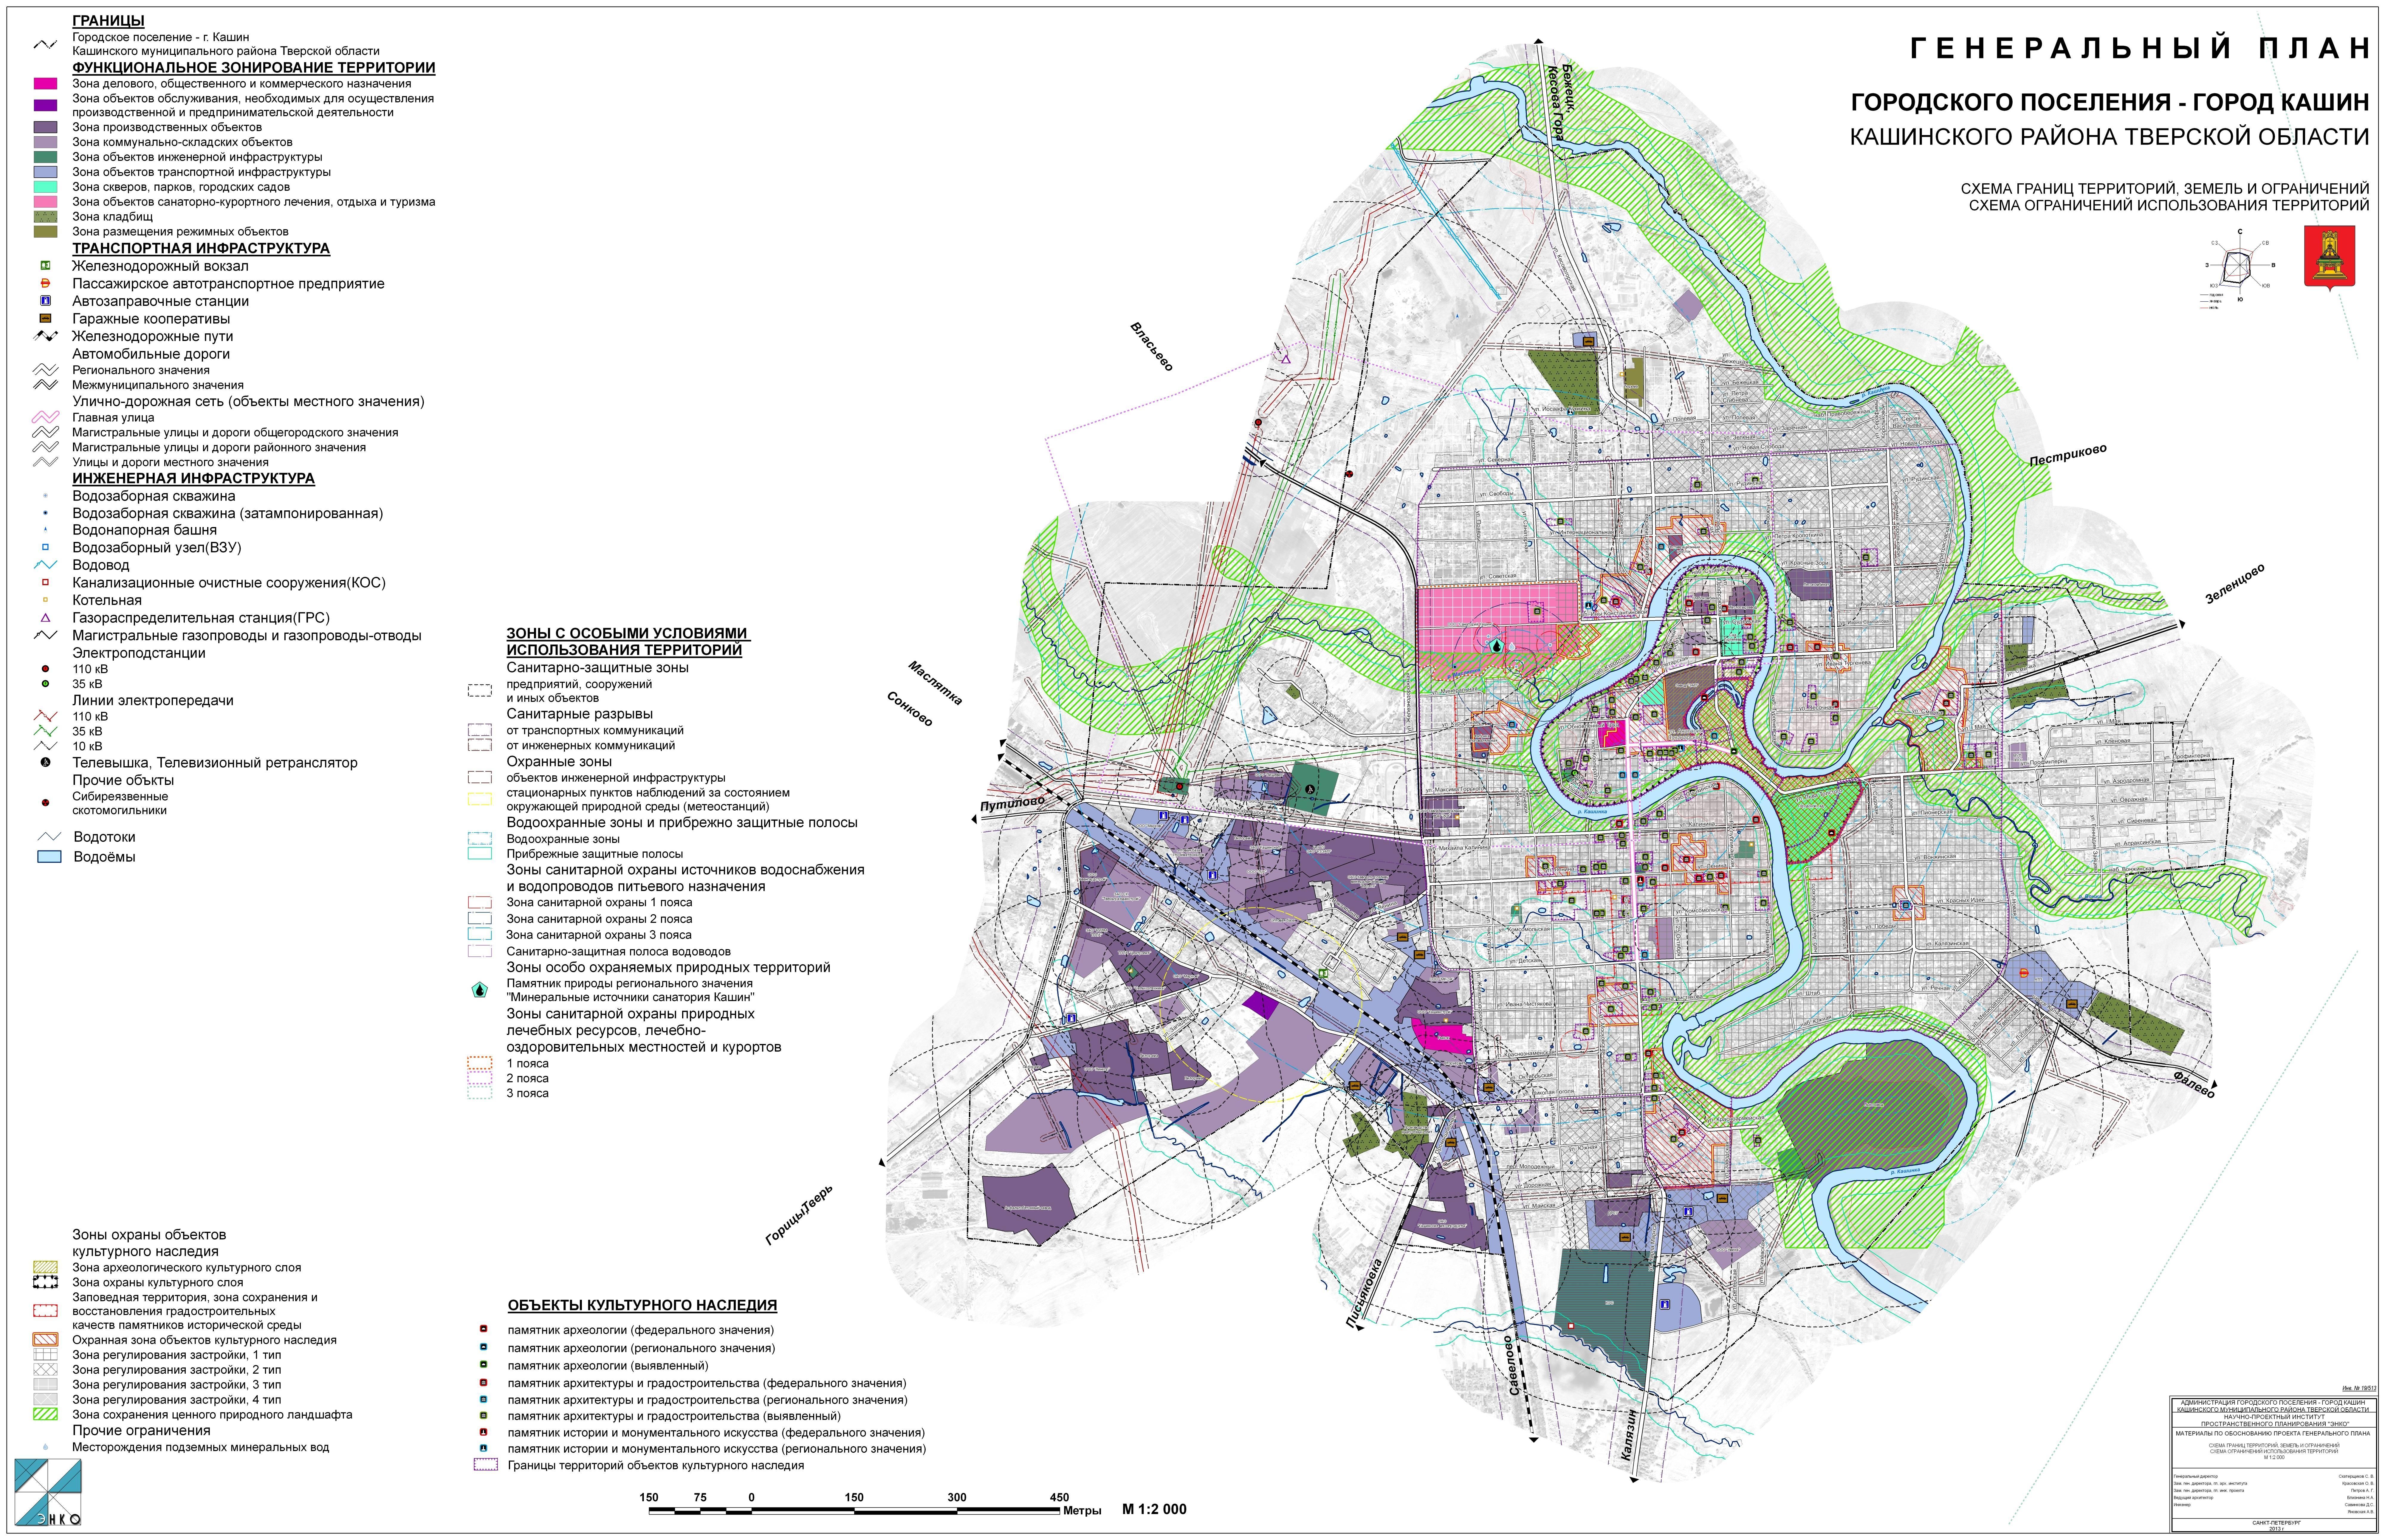 Градостроительство  — охранные зоны наружных инженерных сетей